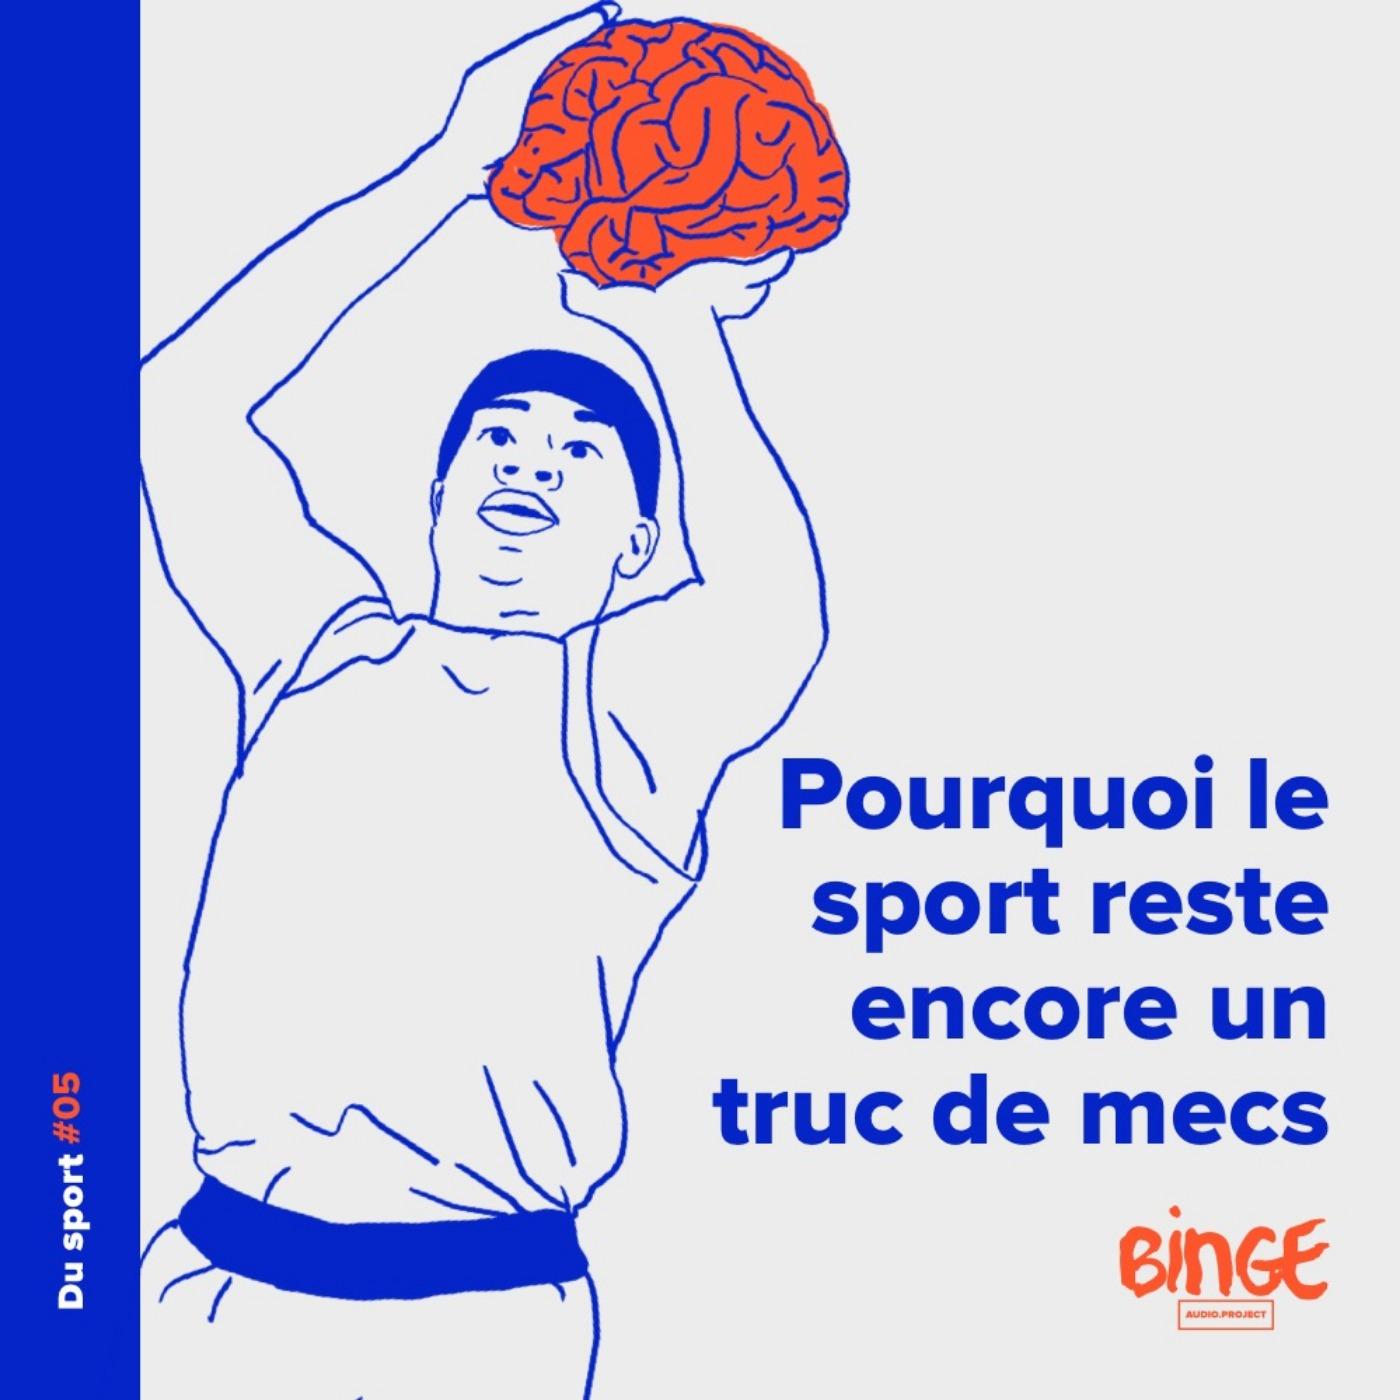 Pourquoi le sport reste encore un truc de mecs